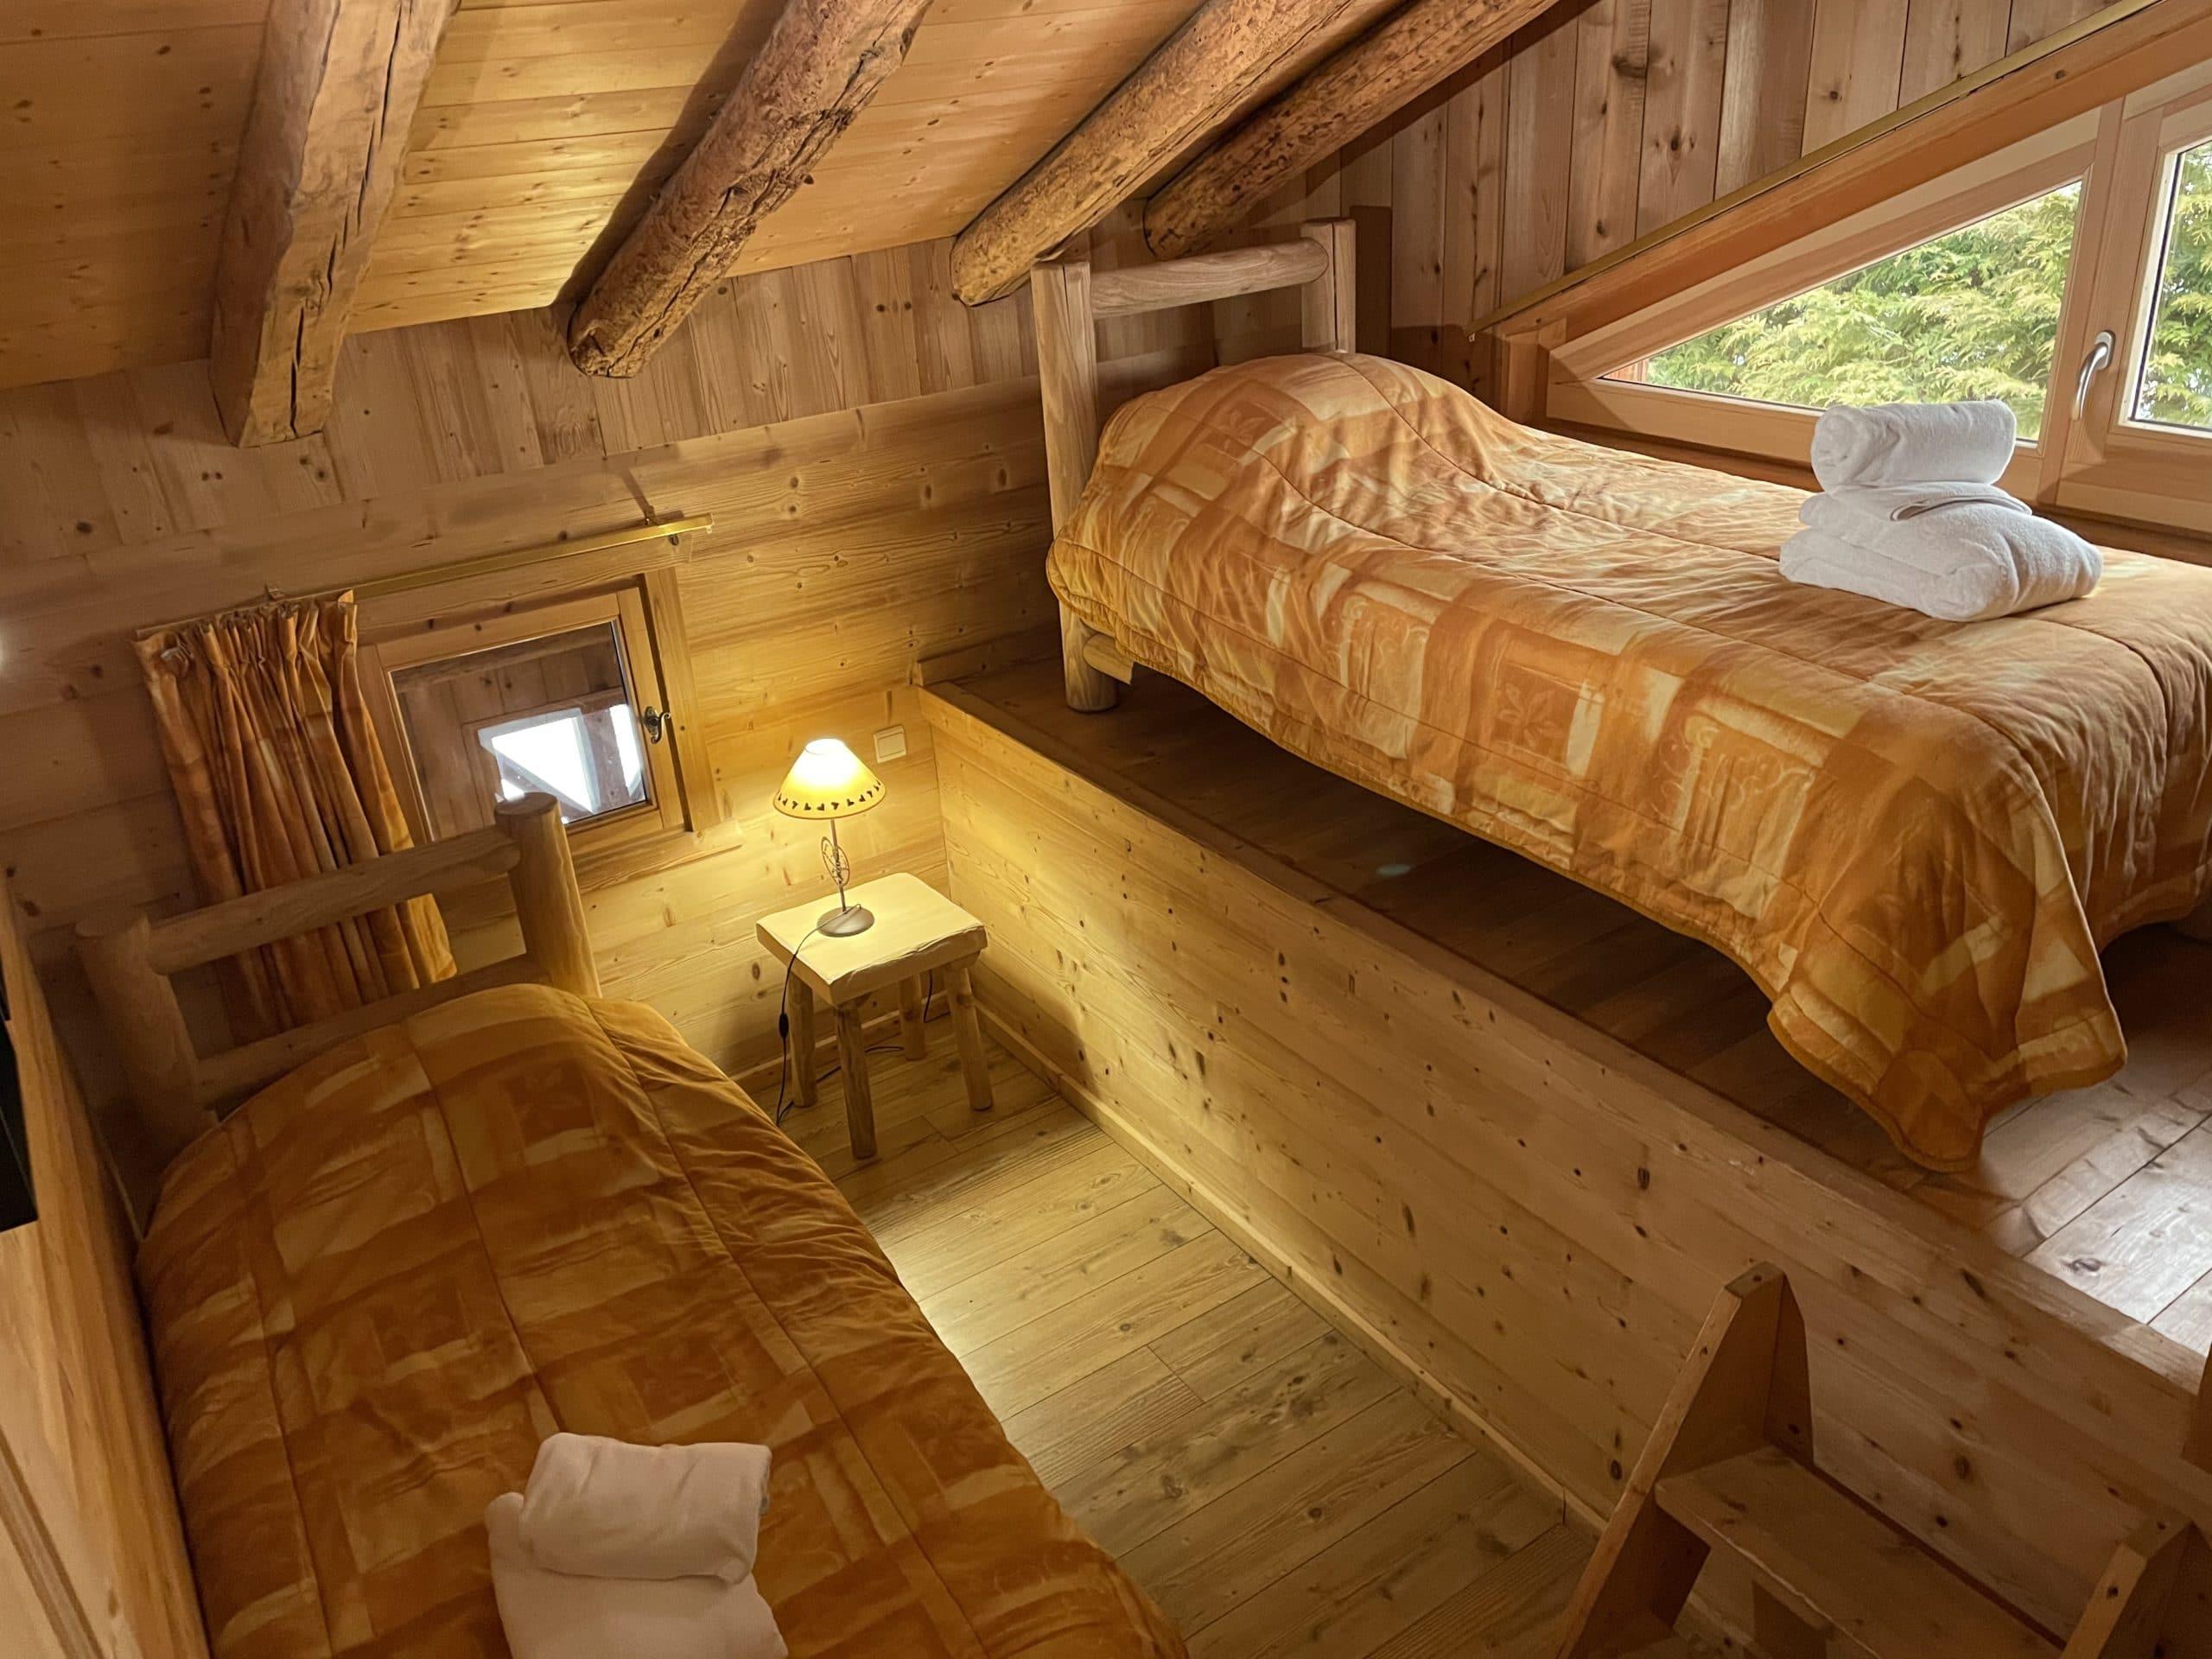 découvrez notre chambre cabane insolite dans ce logement atypique à la montagne directement sur les pistes